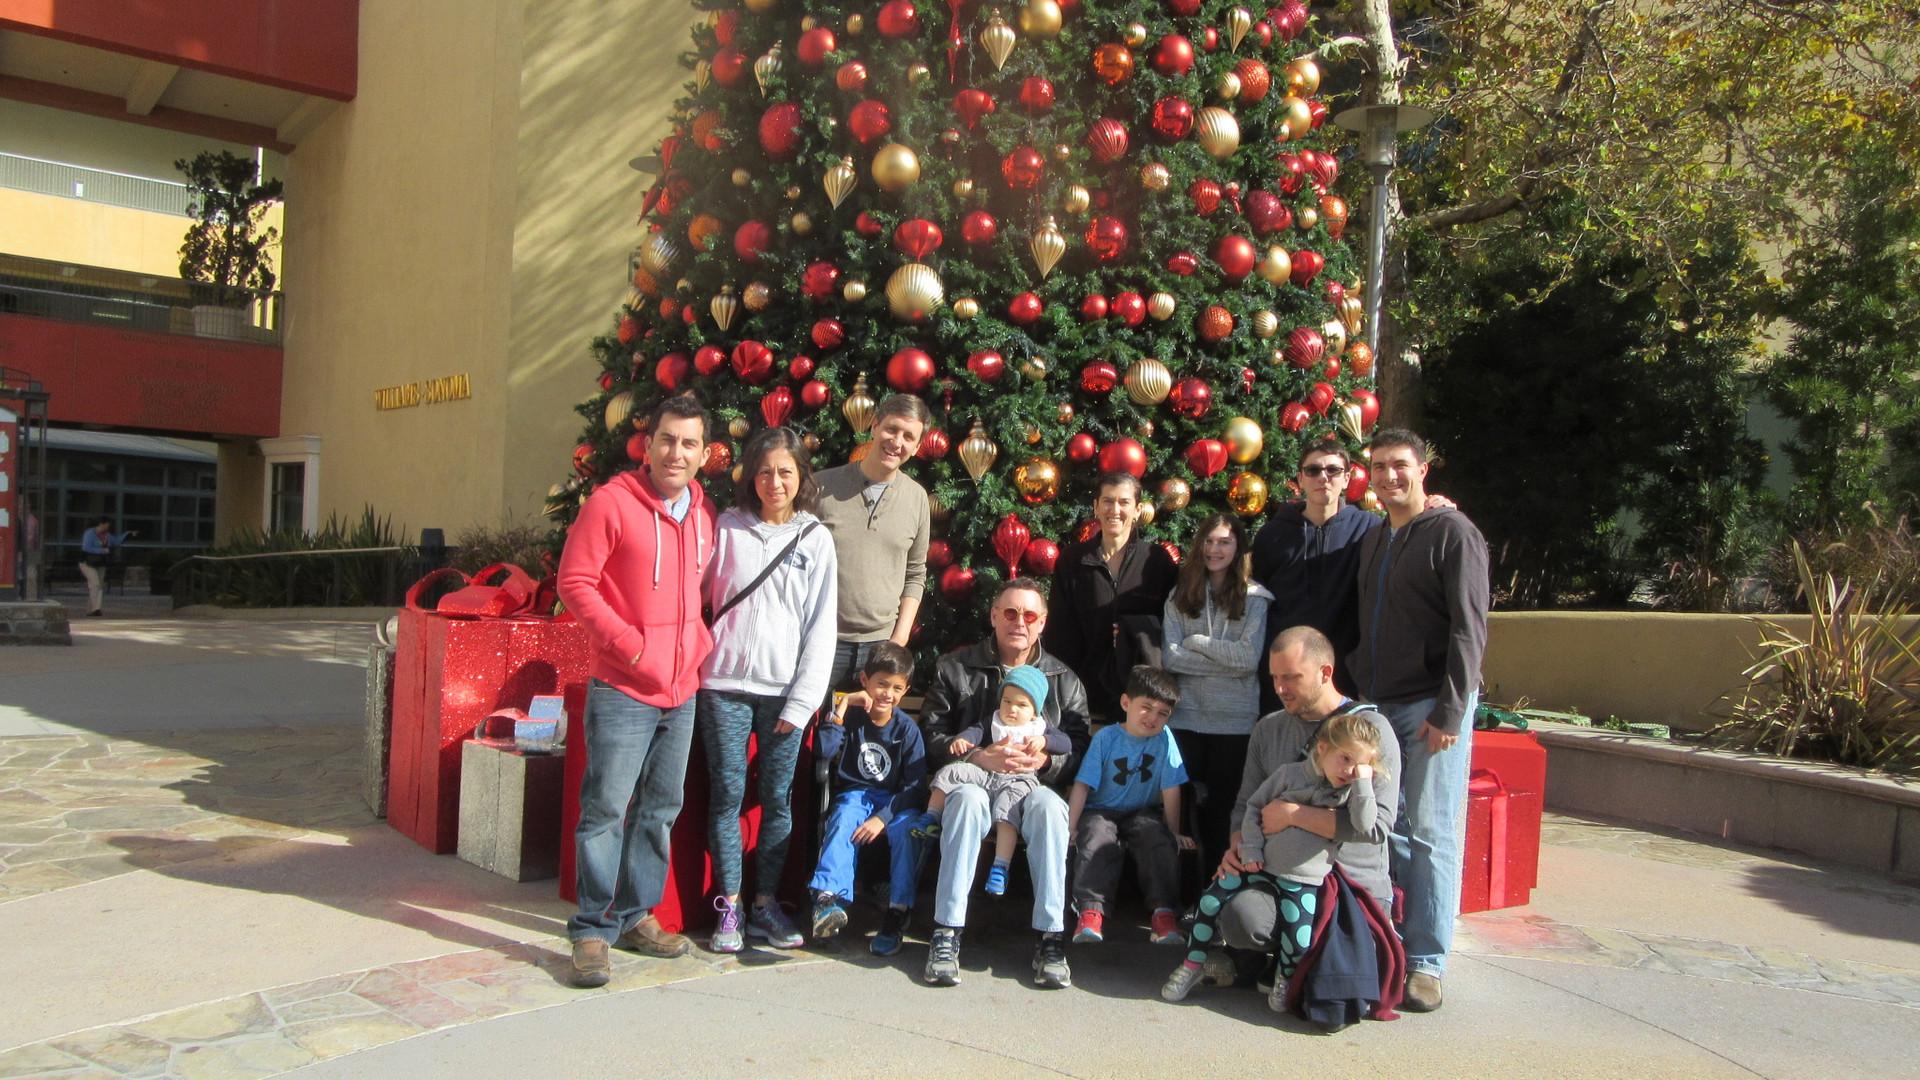 IMG_2362 Sandy Xmas tree 1  copy (1).jpg